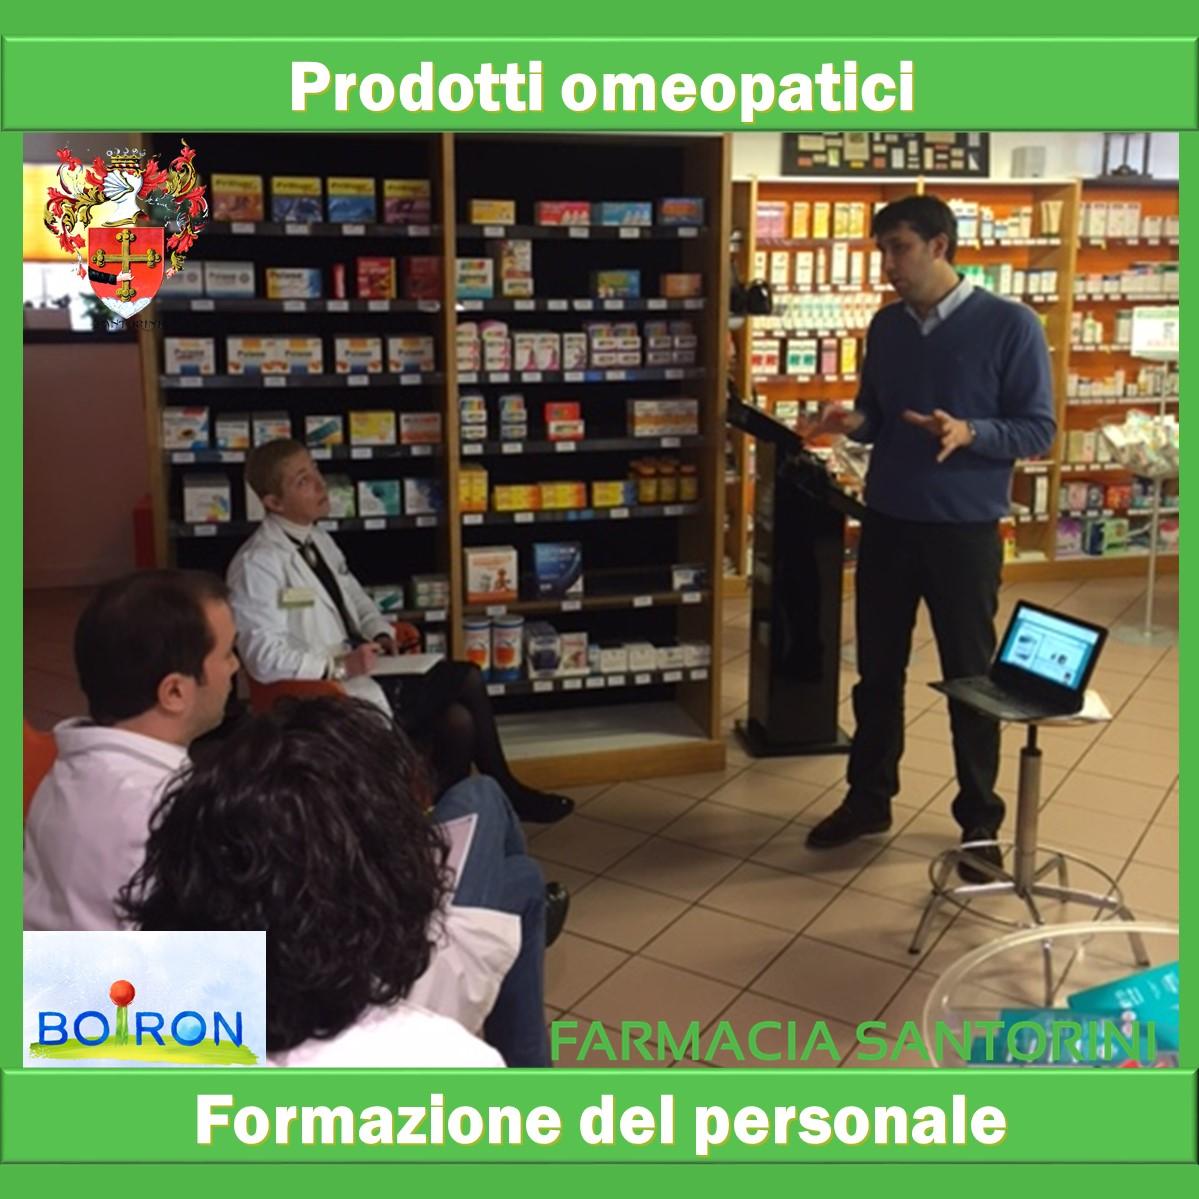 Boiron_Presentazione_01